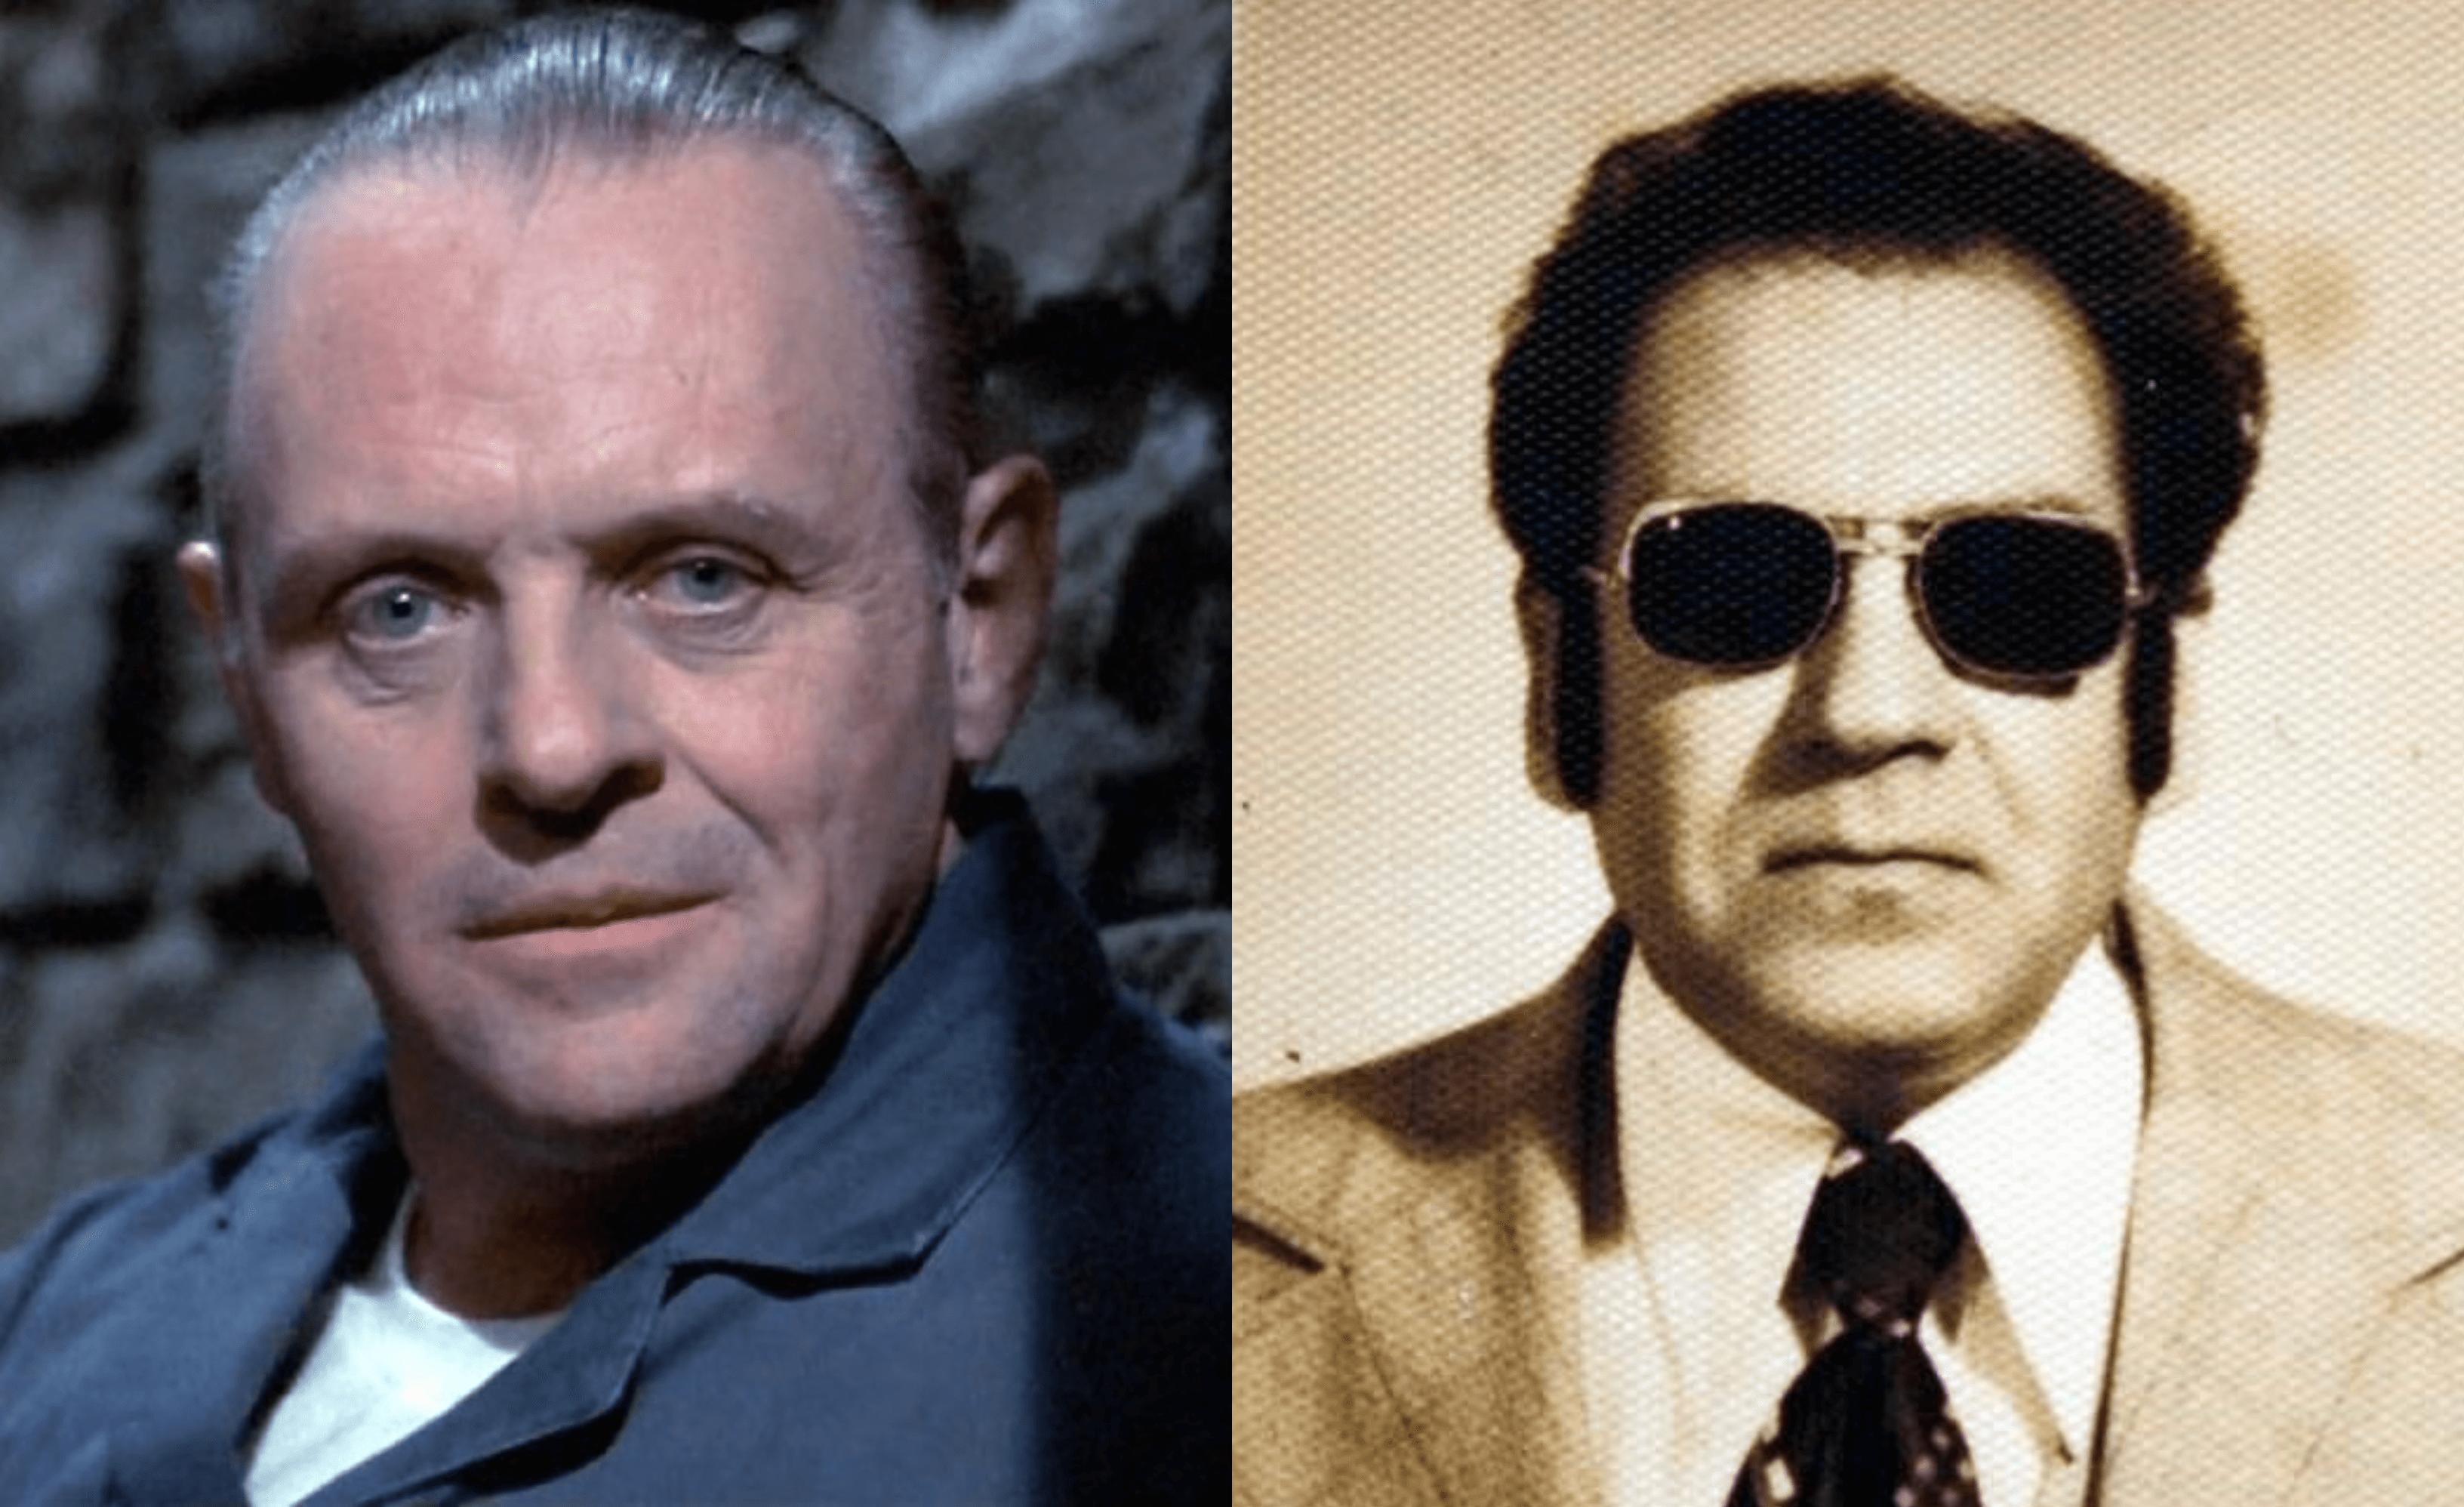 Alfredo Ballí Treviño, sursa de inspirație pentru psihopatul Hannibal Lecter. Criminalul care a născut monstrul